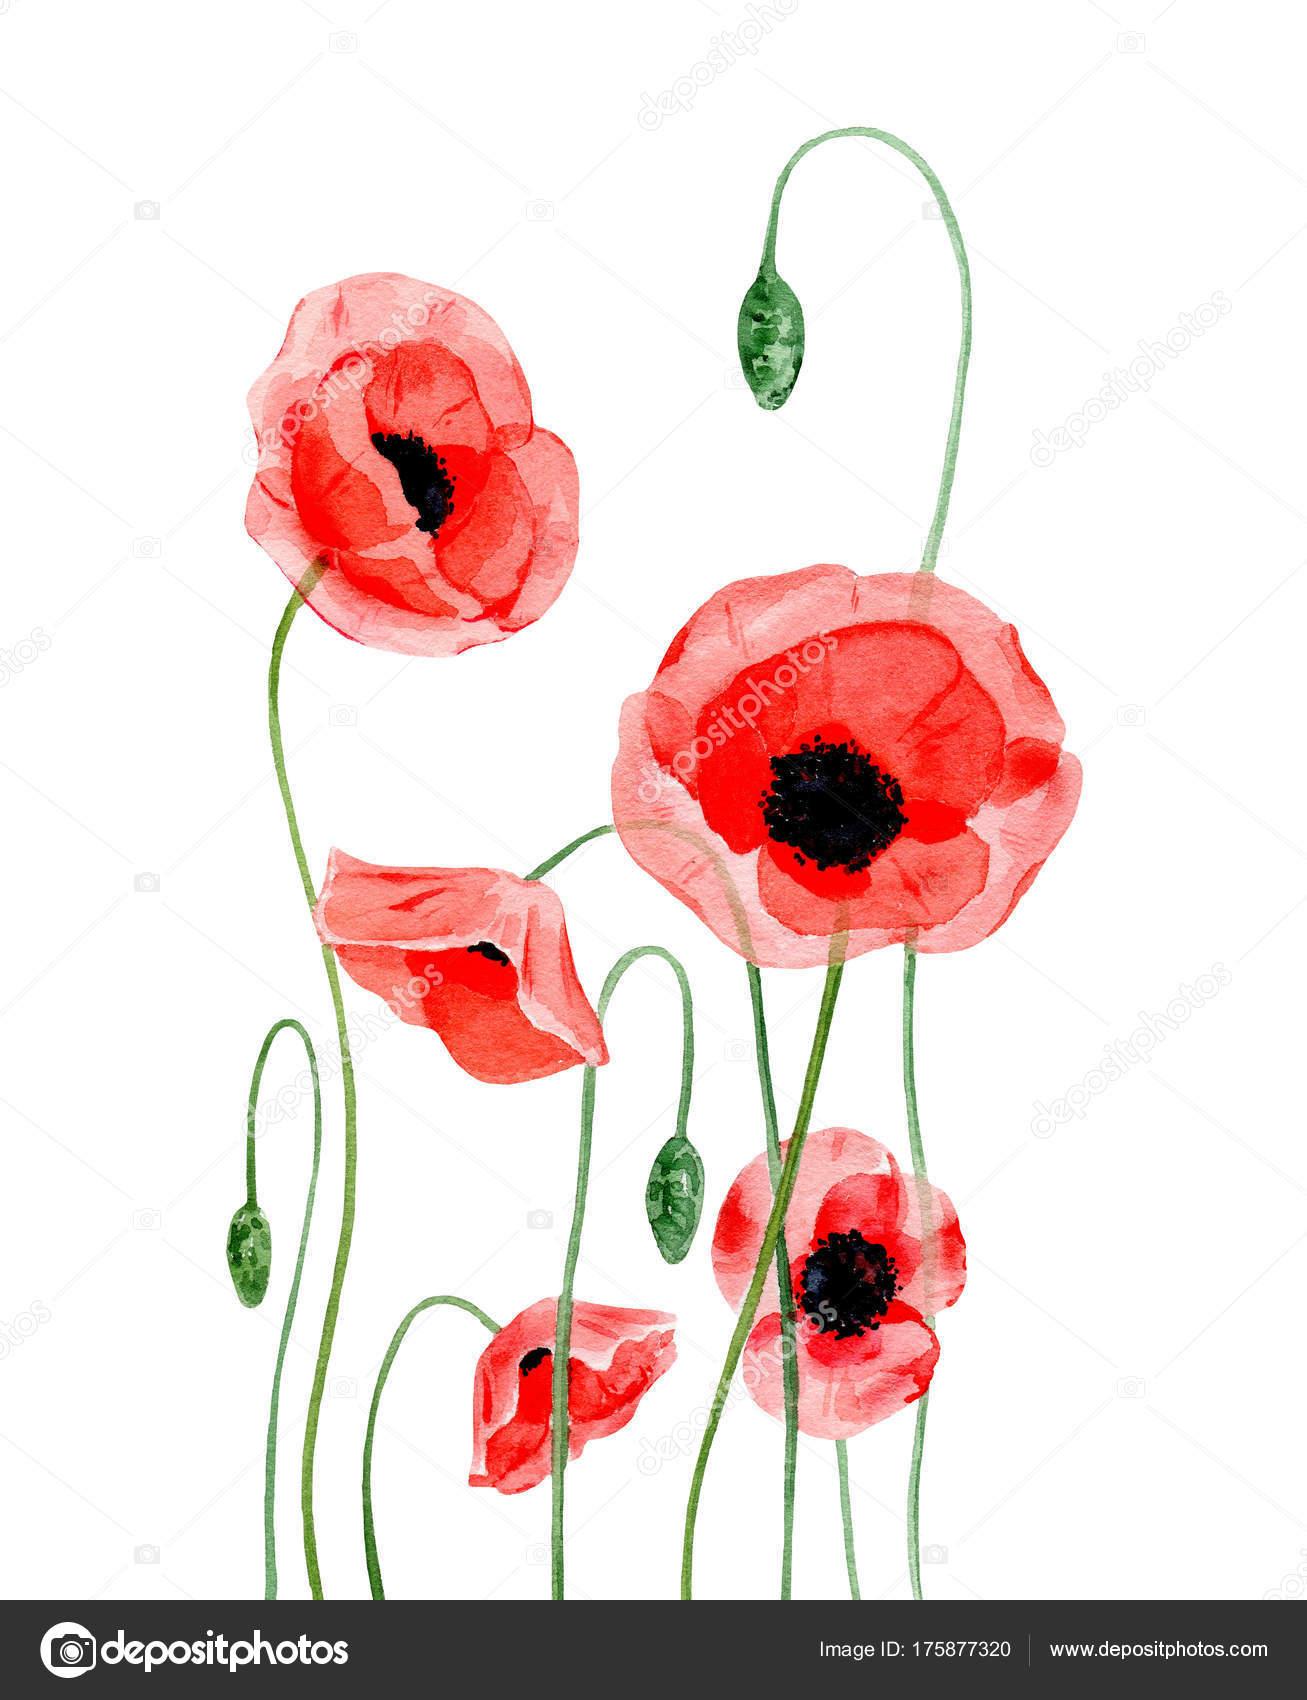 Aquarell Bild Von Hand Malen Rote Mohnblumen Stockfoto V